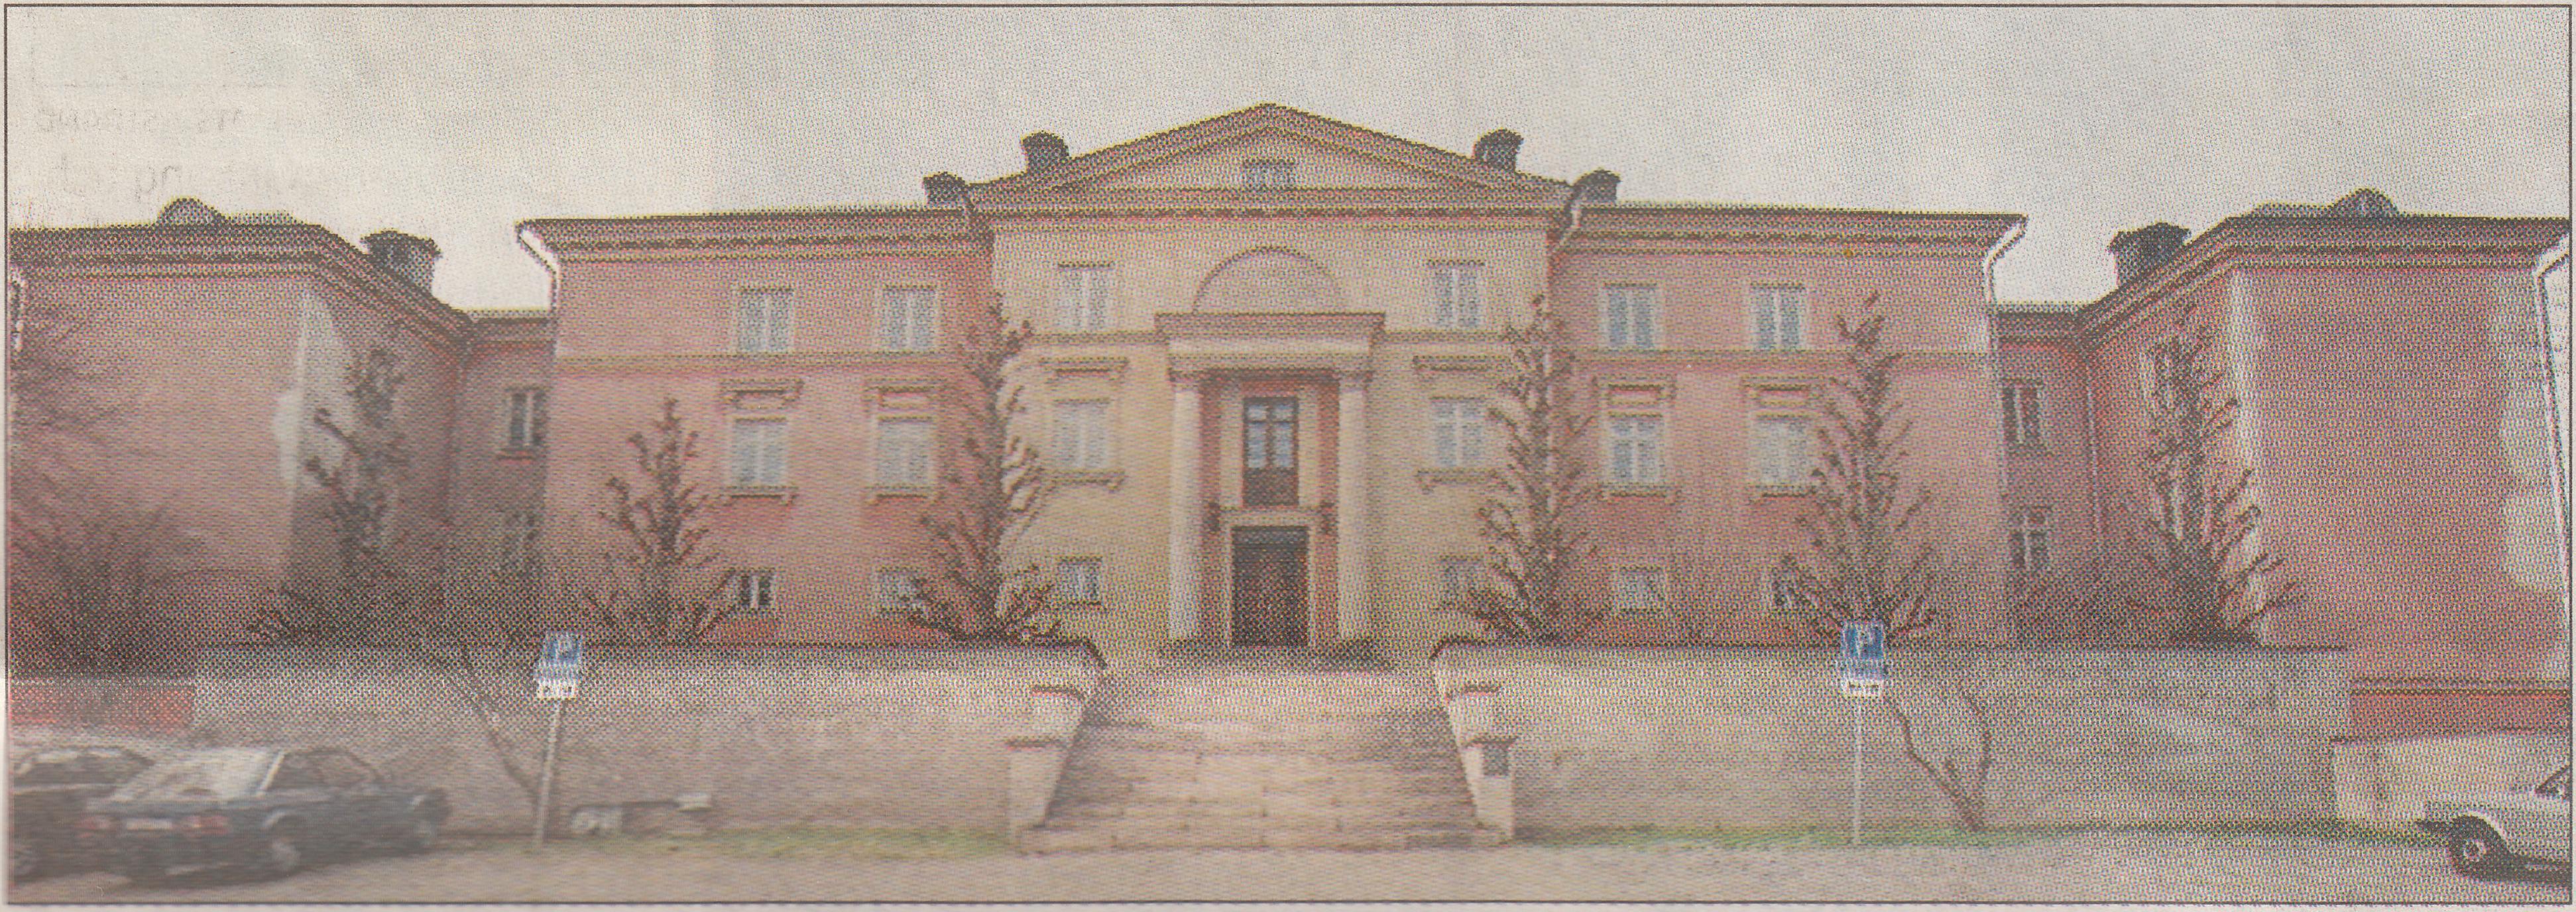 Westergrenska Stiftelsen i början på 1900-talet